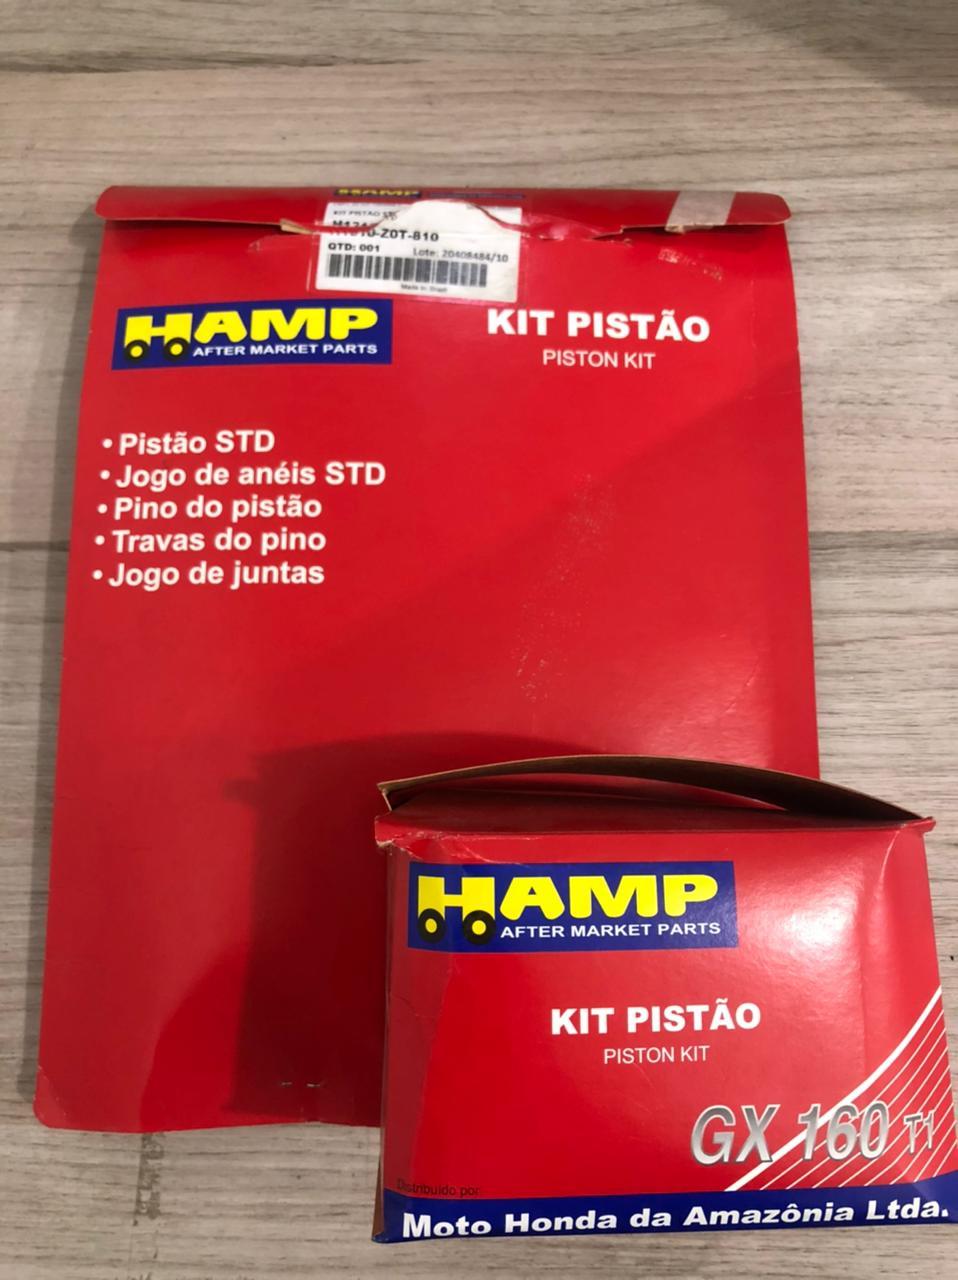 KIT PISTAO STD GX 160 - H1310Z0T810